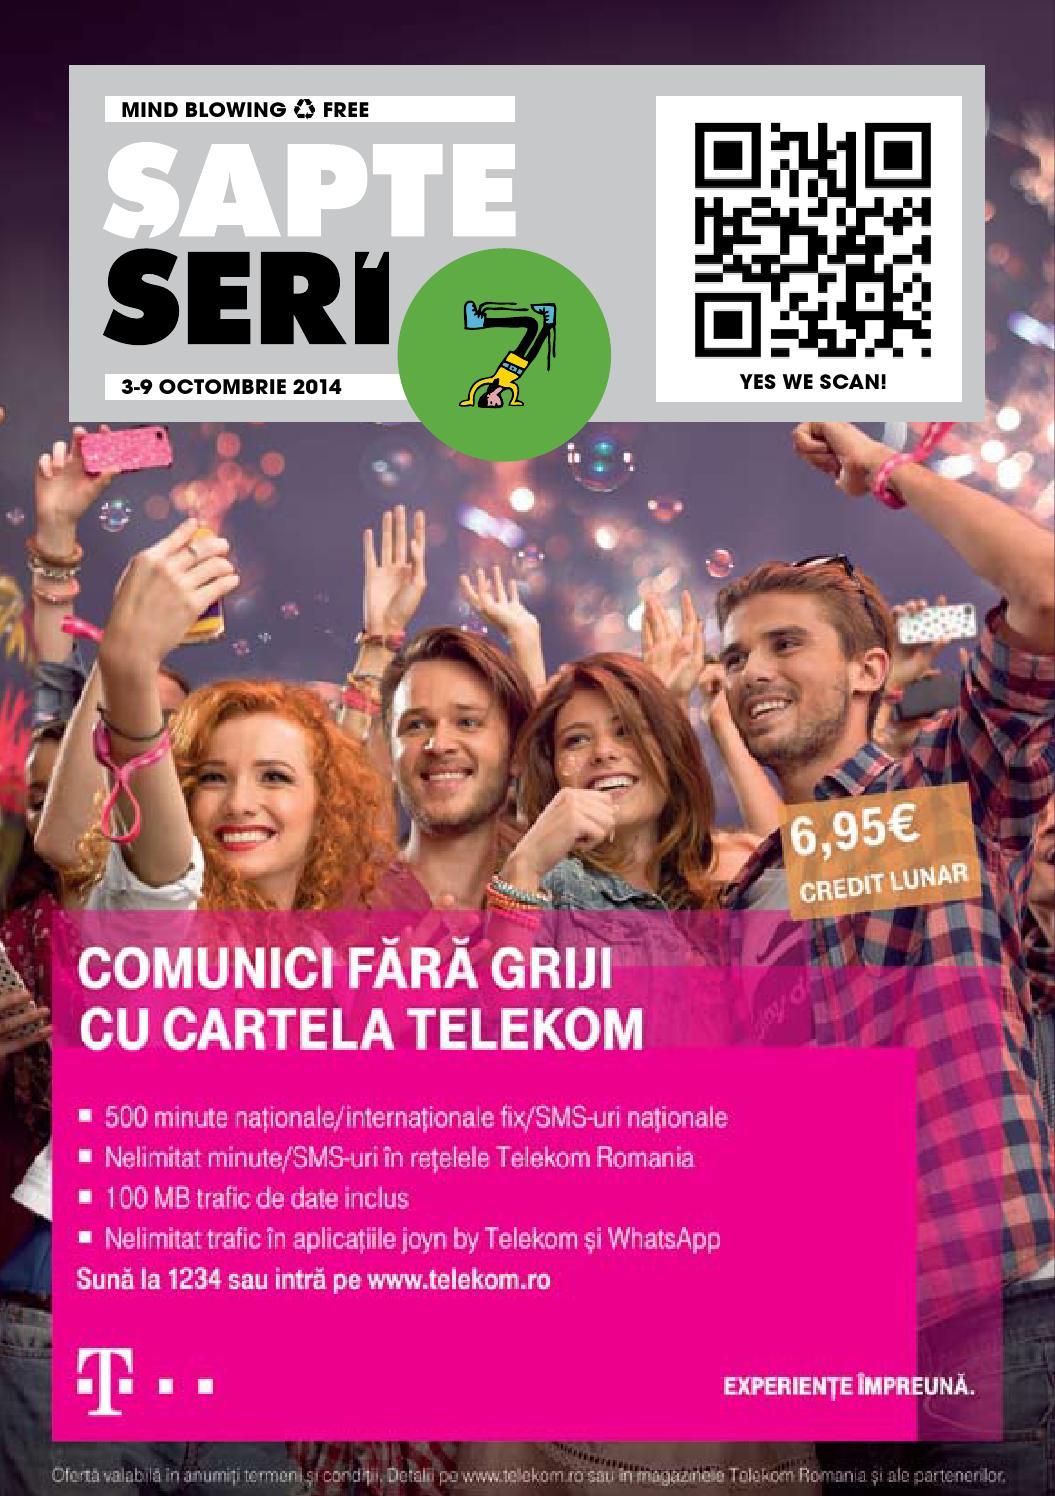 Caut singure fete din Craiova fete caraș